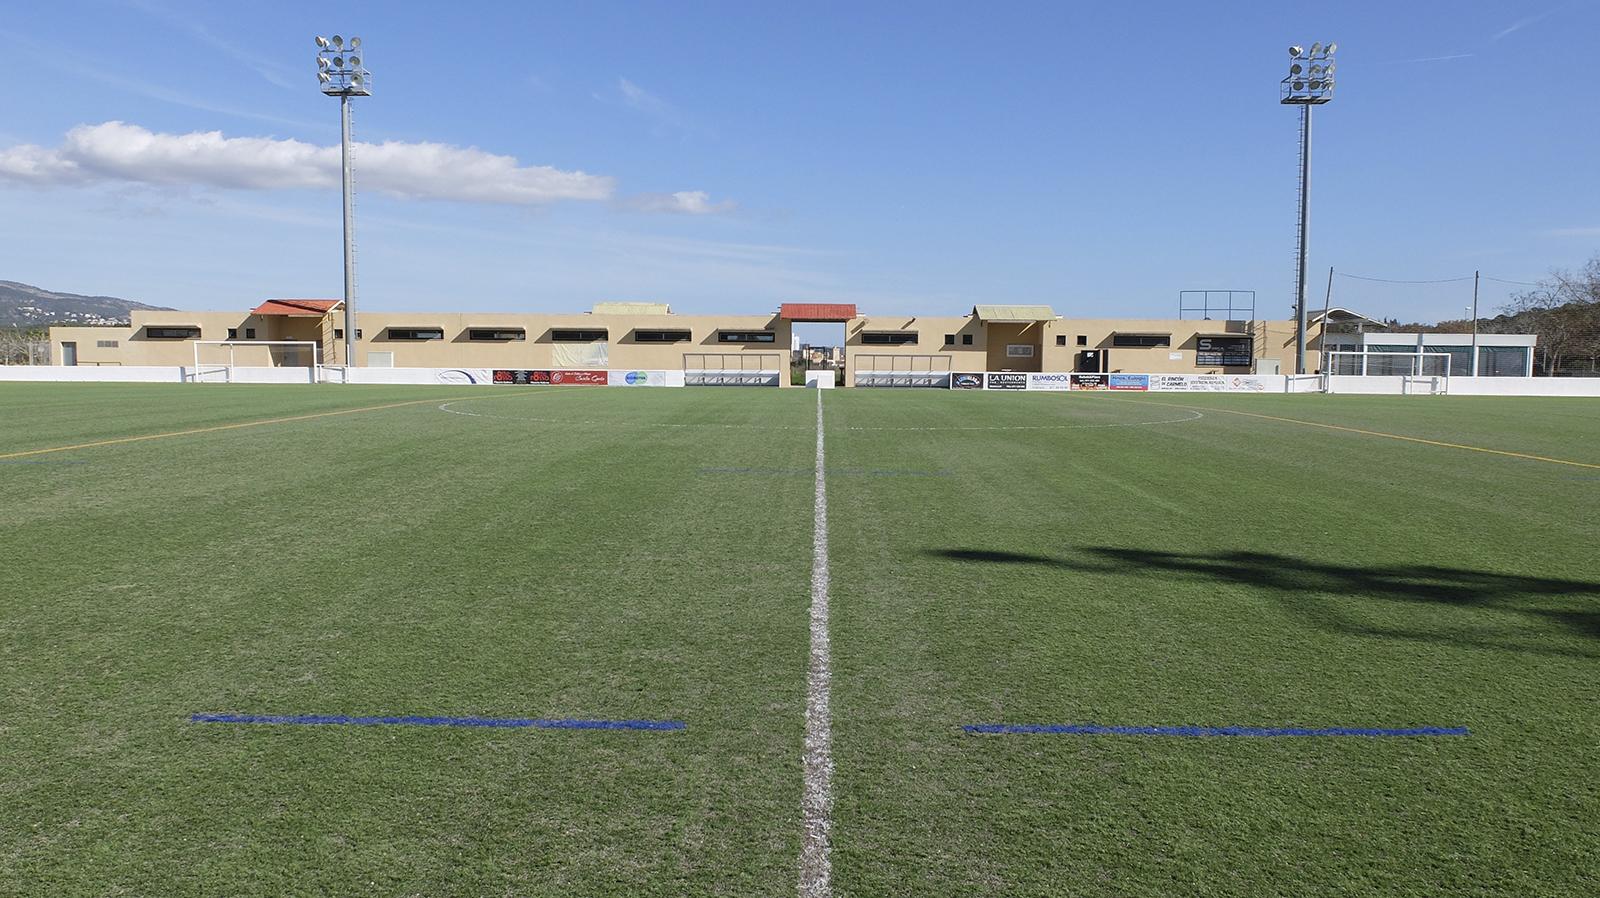 Entrenar fútbol en Mallorca. Son Ferrer - Futbol